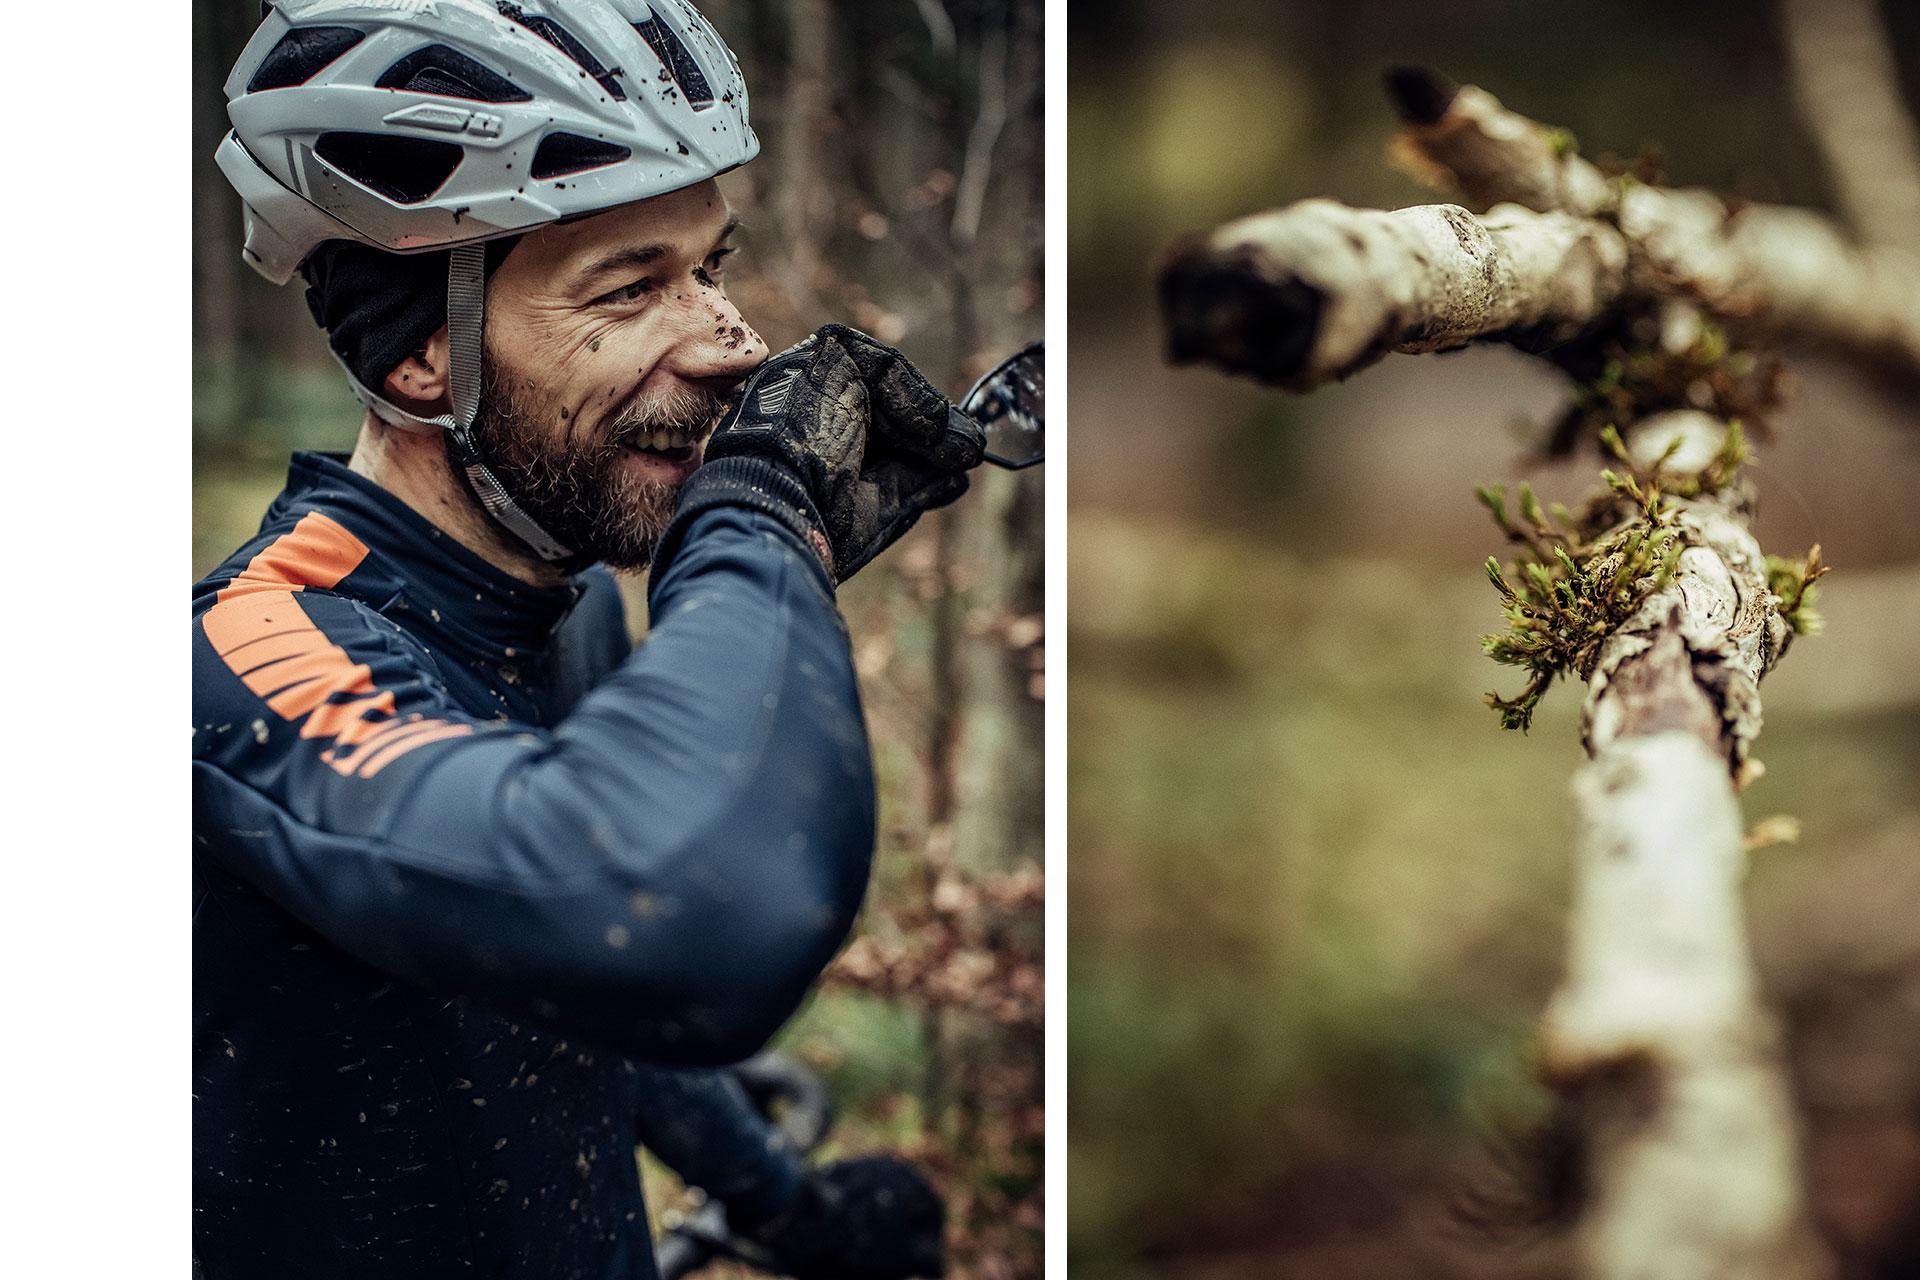 fotograf michael mueller potrait sport crossbike schlamm deutschland duesseldorf fotoshooting